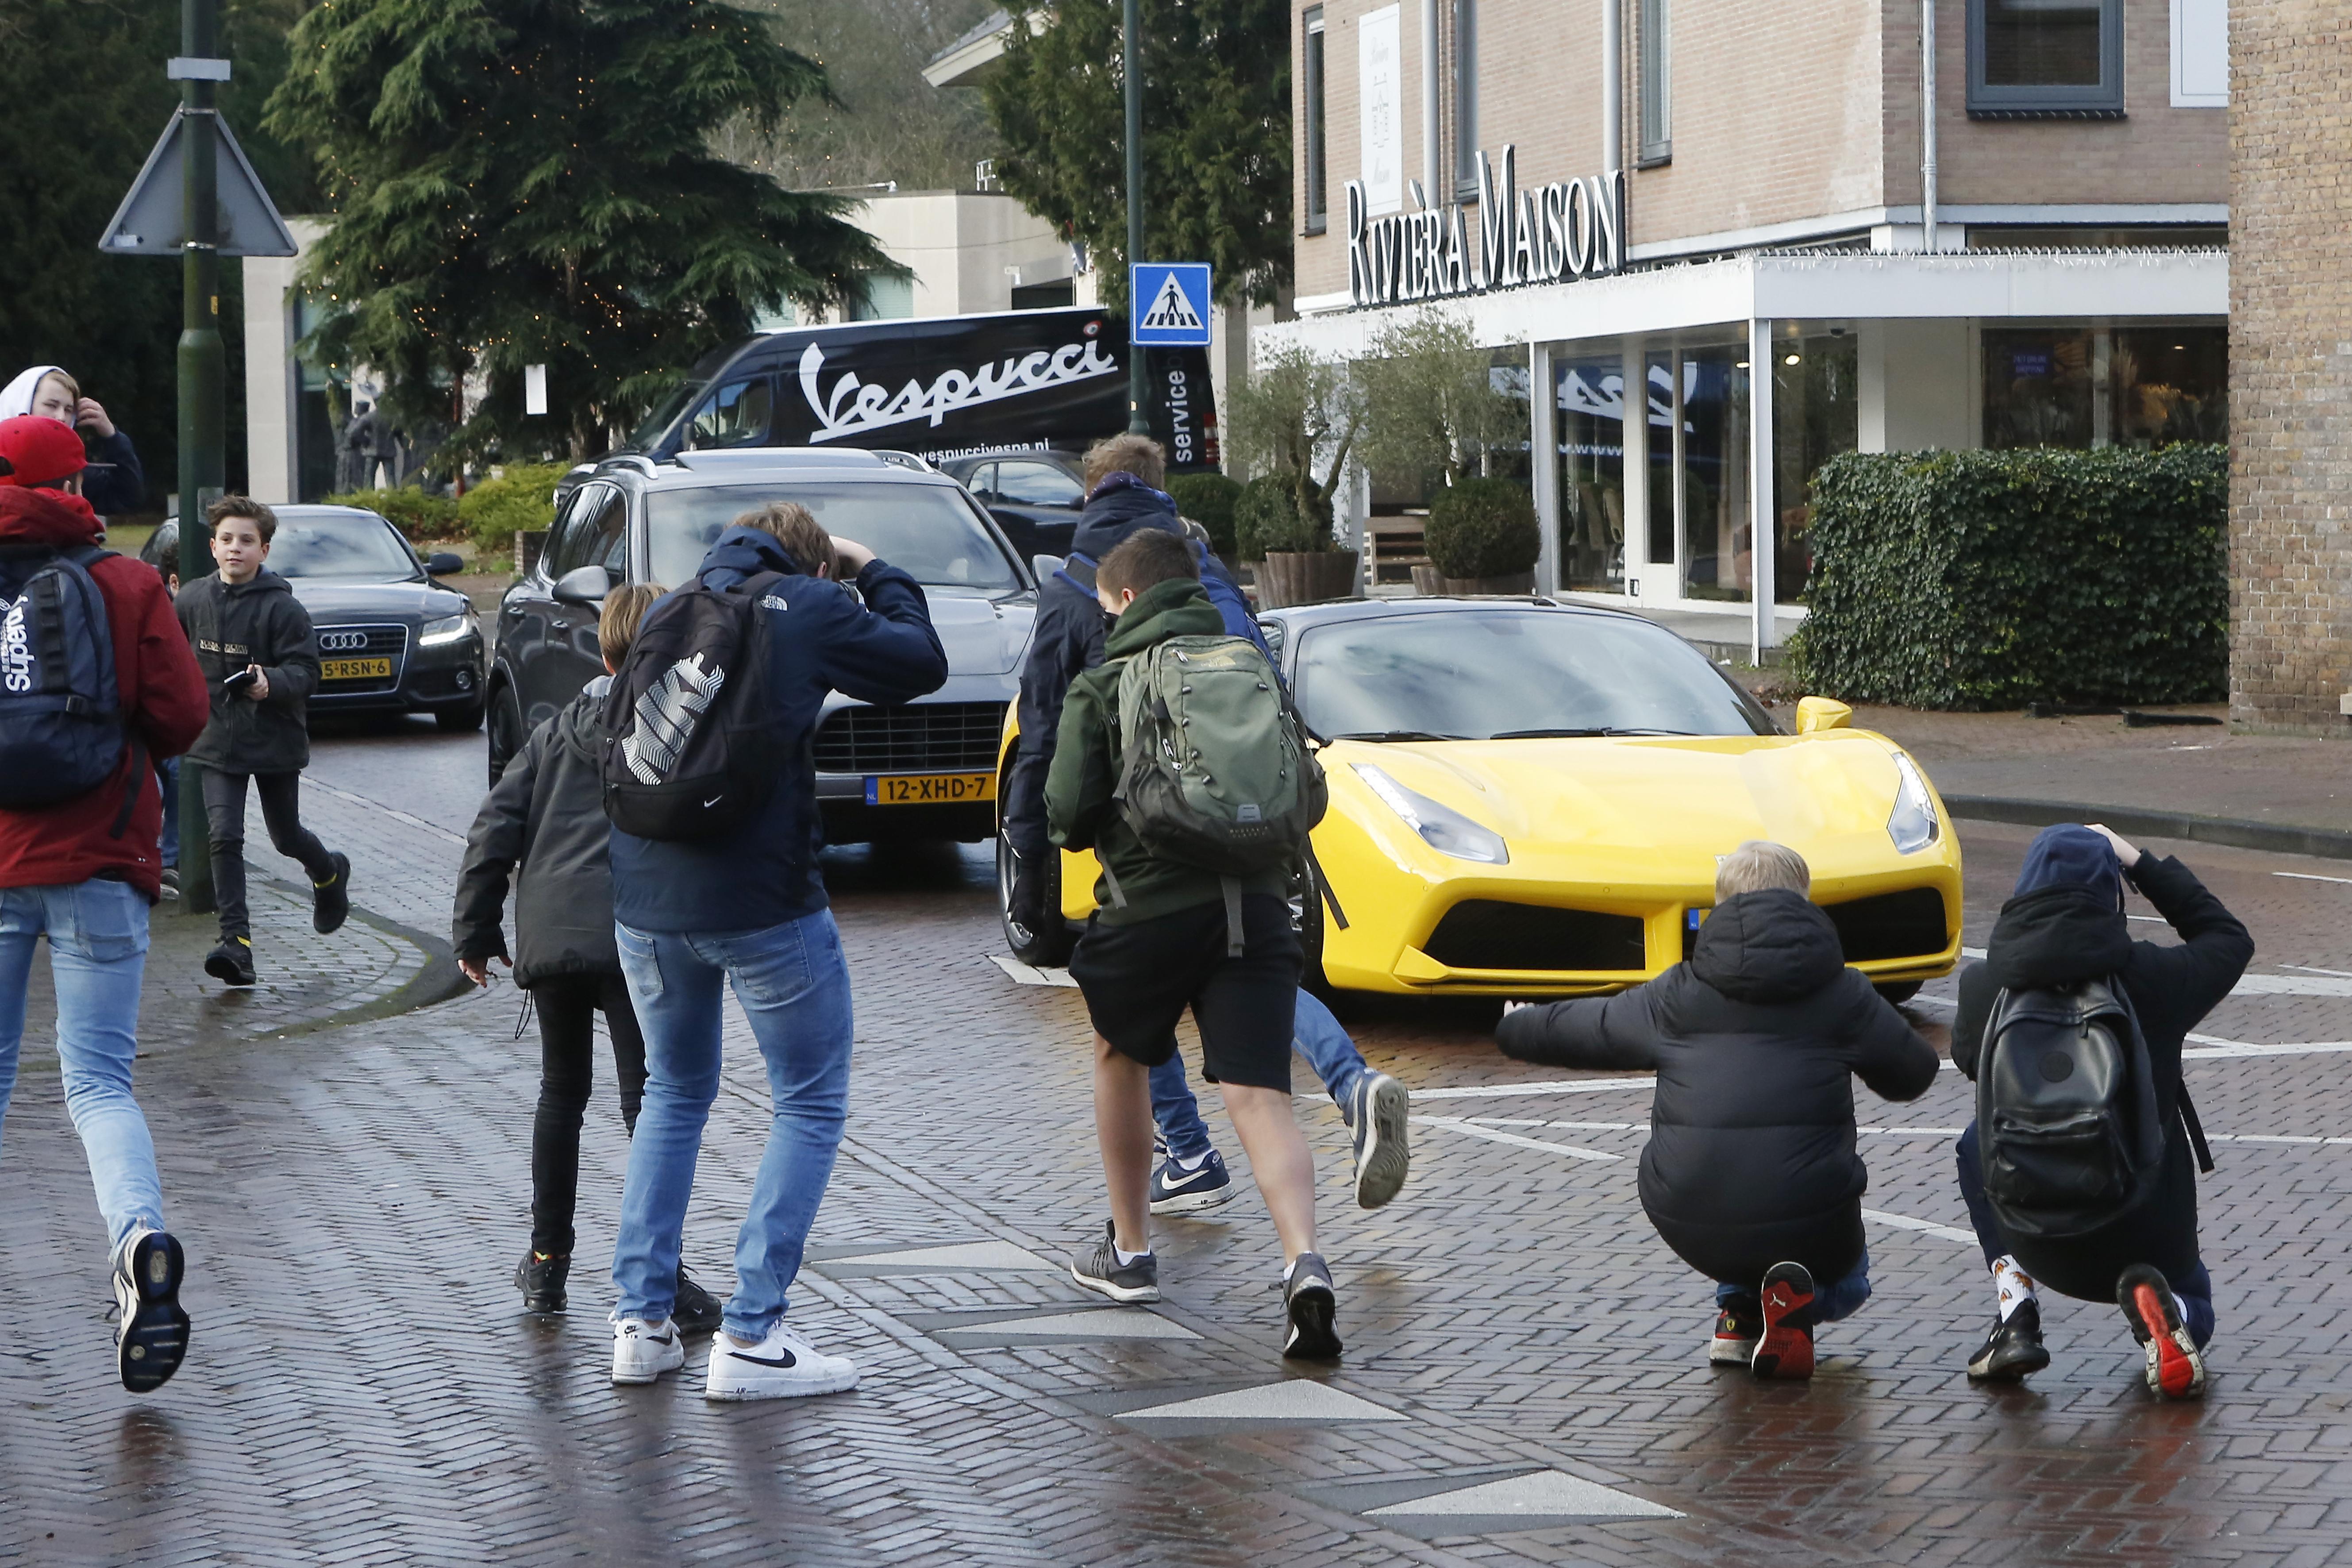 Larense toestanden in Soest? 'Carspotters' op Koningsweg en Nieuwerhoekplein; Politie waarschuwt: 'Wij snappen dat dit super leuk is maar het kan ook gevaarlijk zijn!'